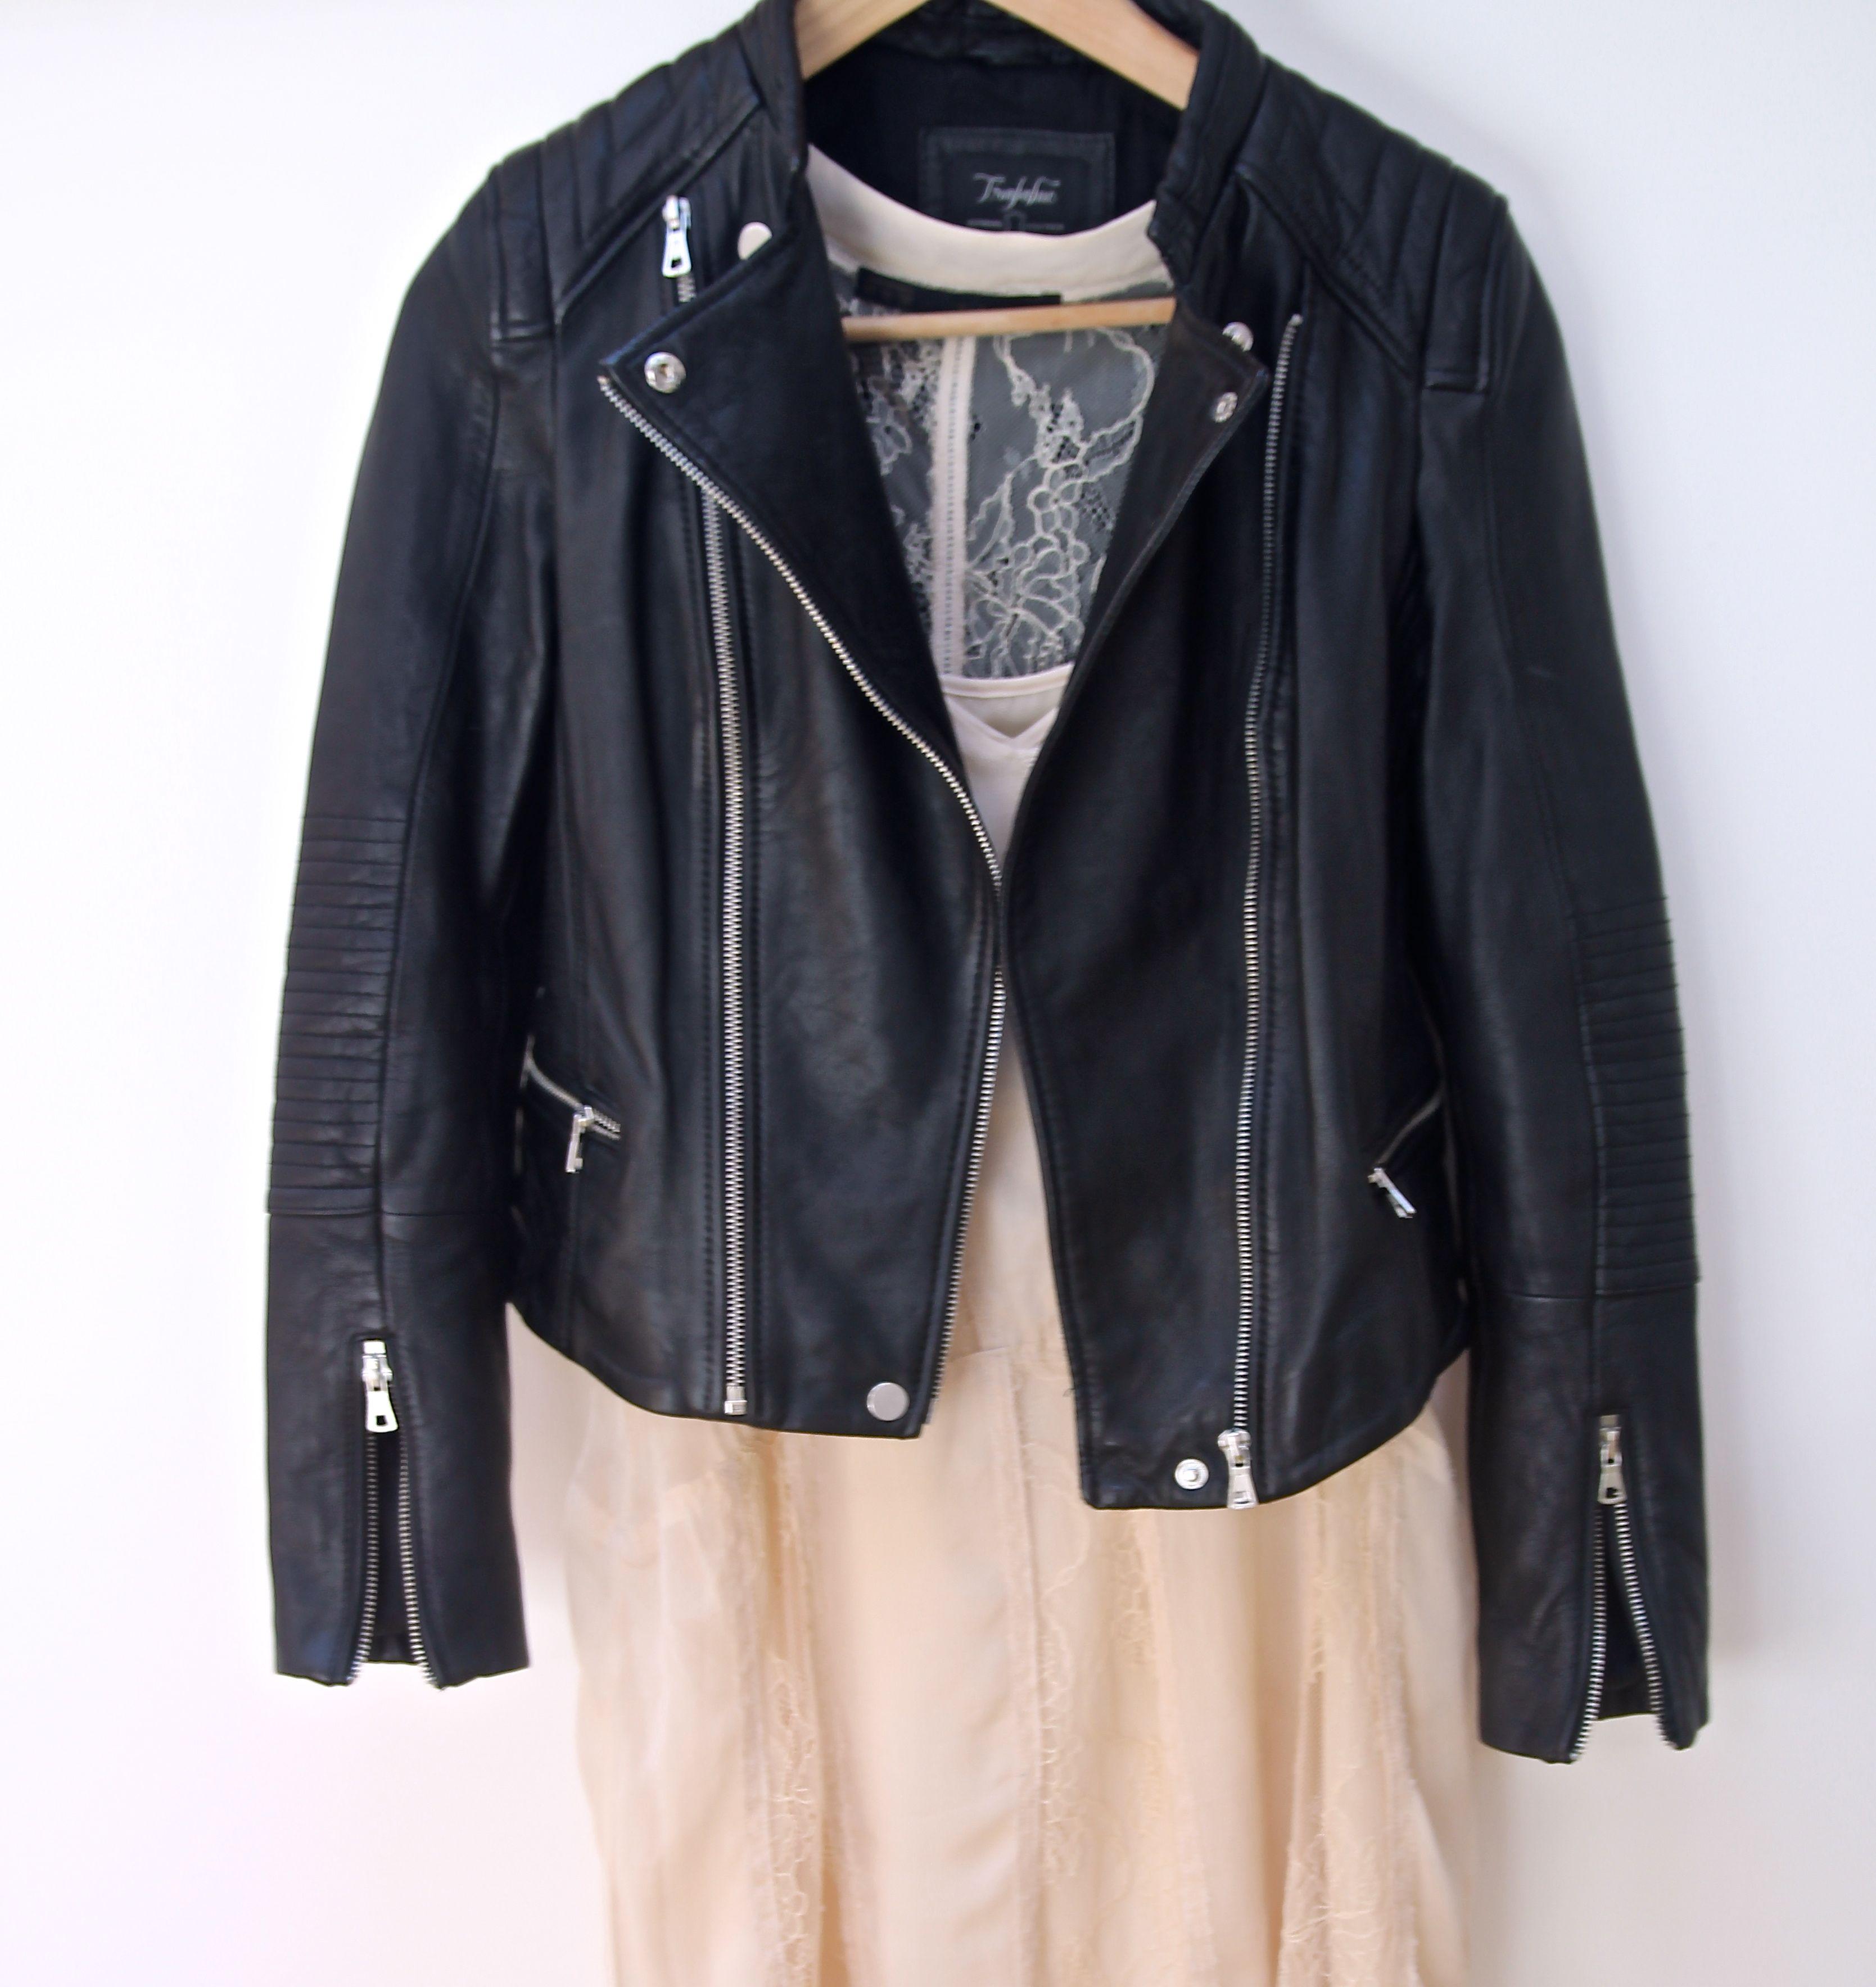 veste en cuir zara homme 2013 les vestes la mode sont. Black Bedroom Furniture Sets. Home Design Ideas